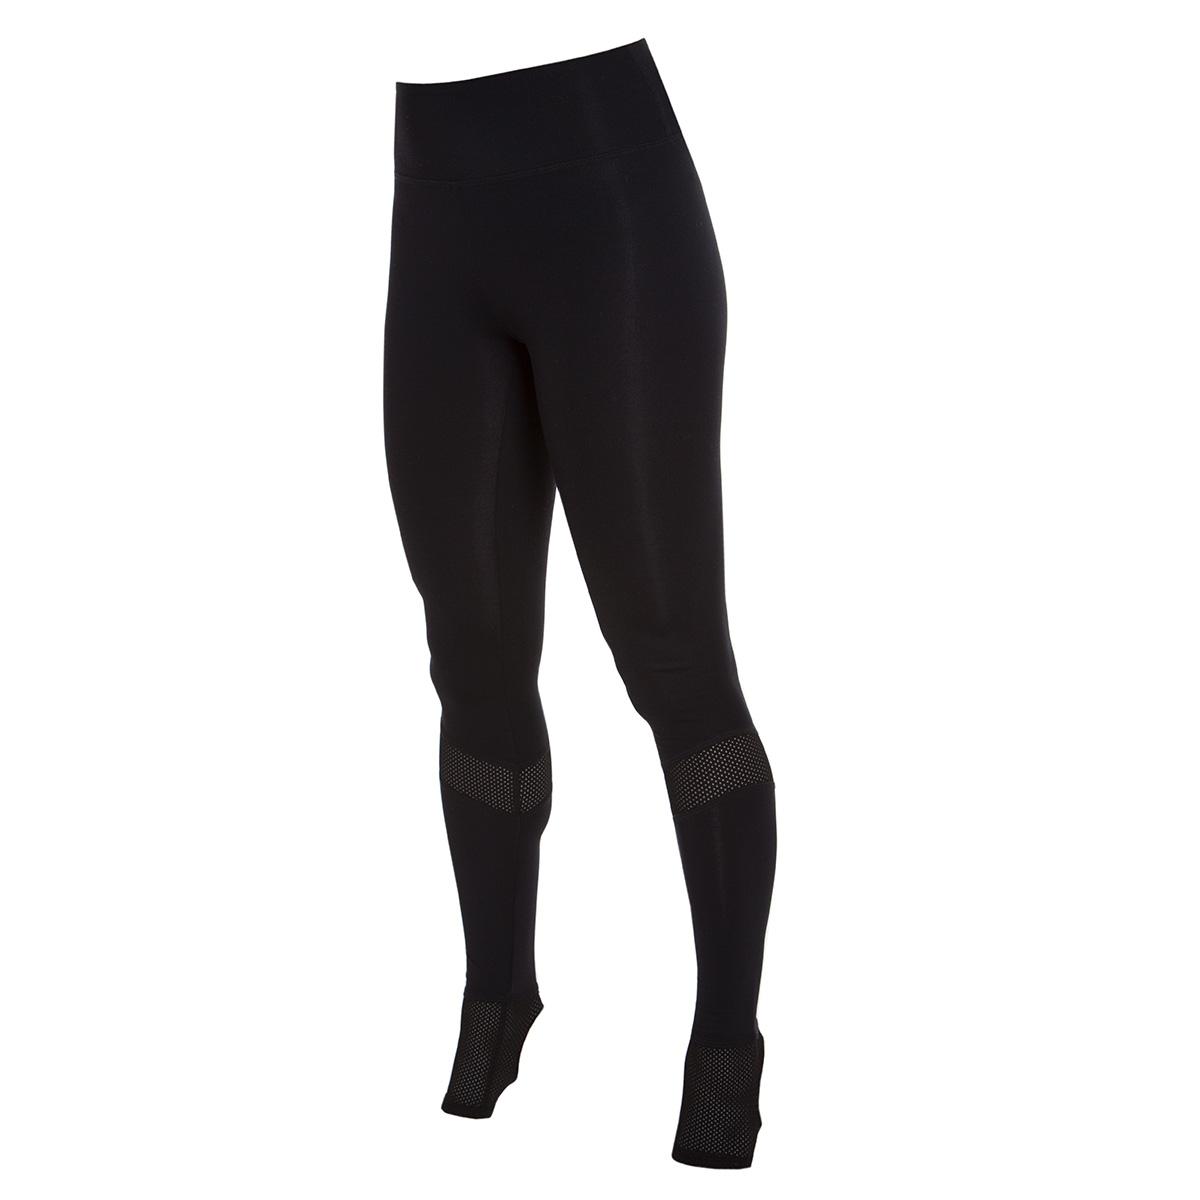 Zara Extended Mesh Legging